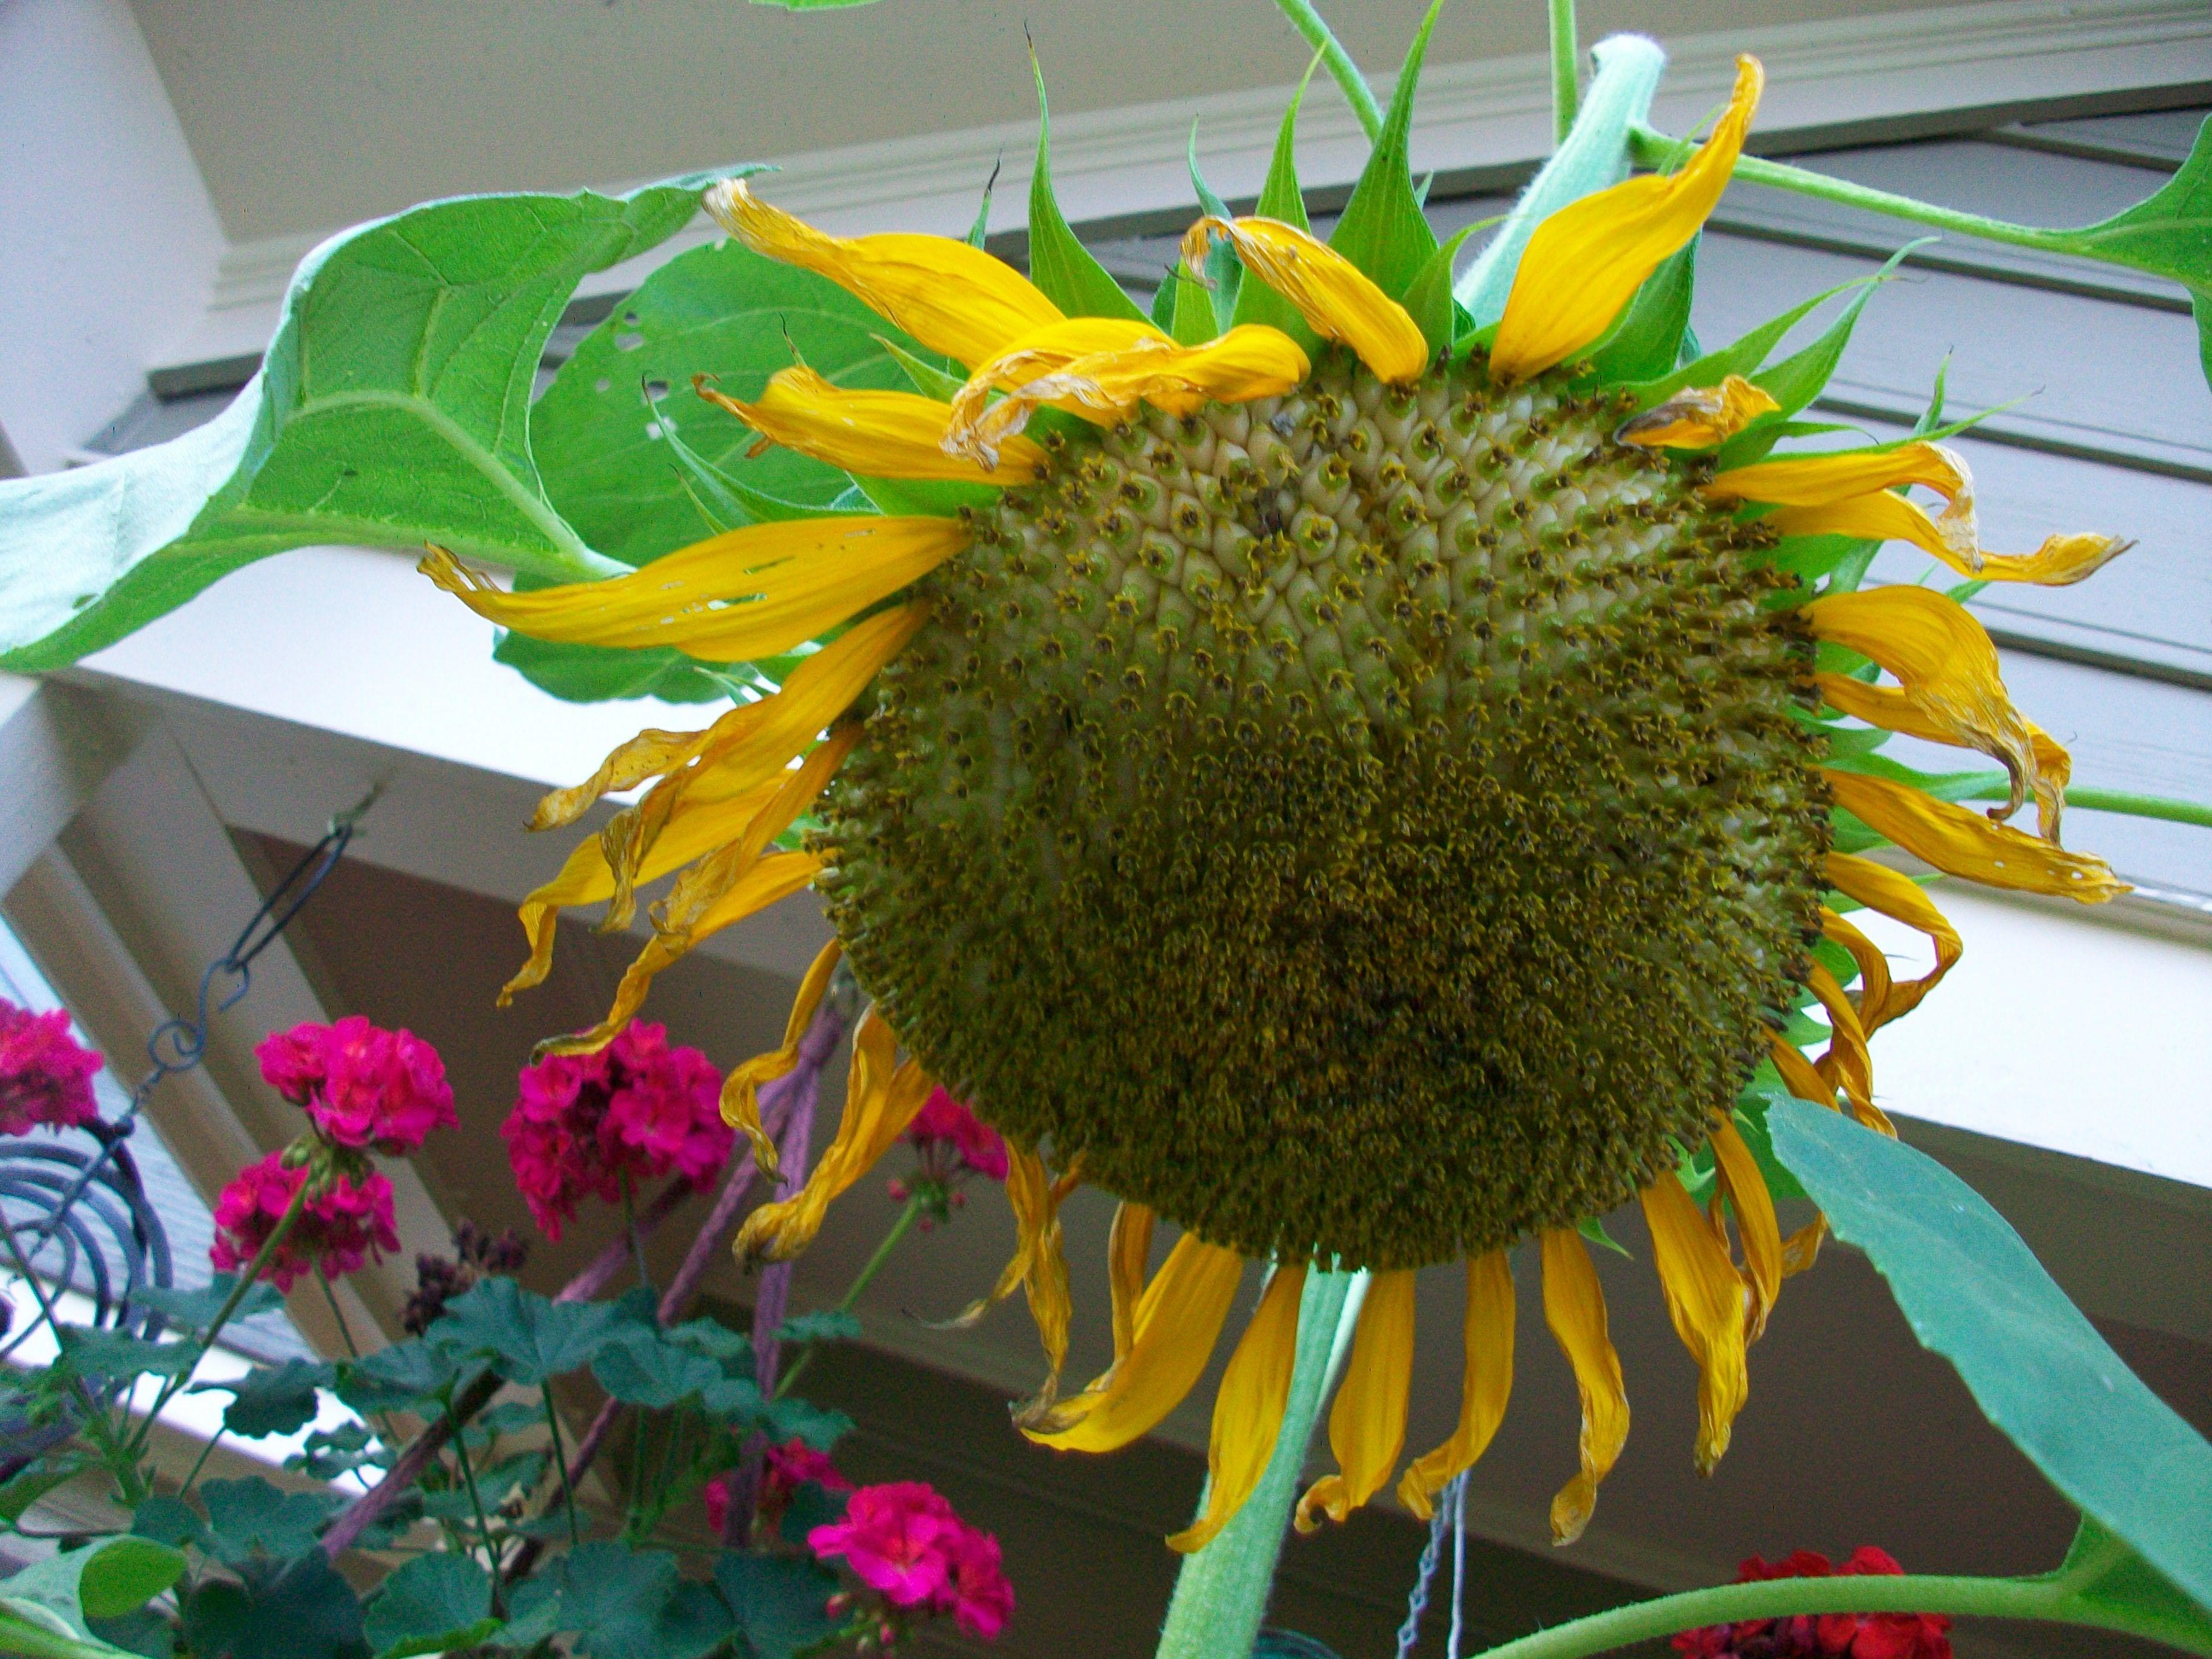 Mammoth Russian sunflower, 13 feet tall :)